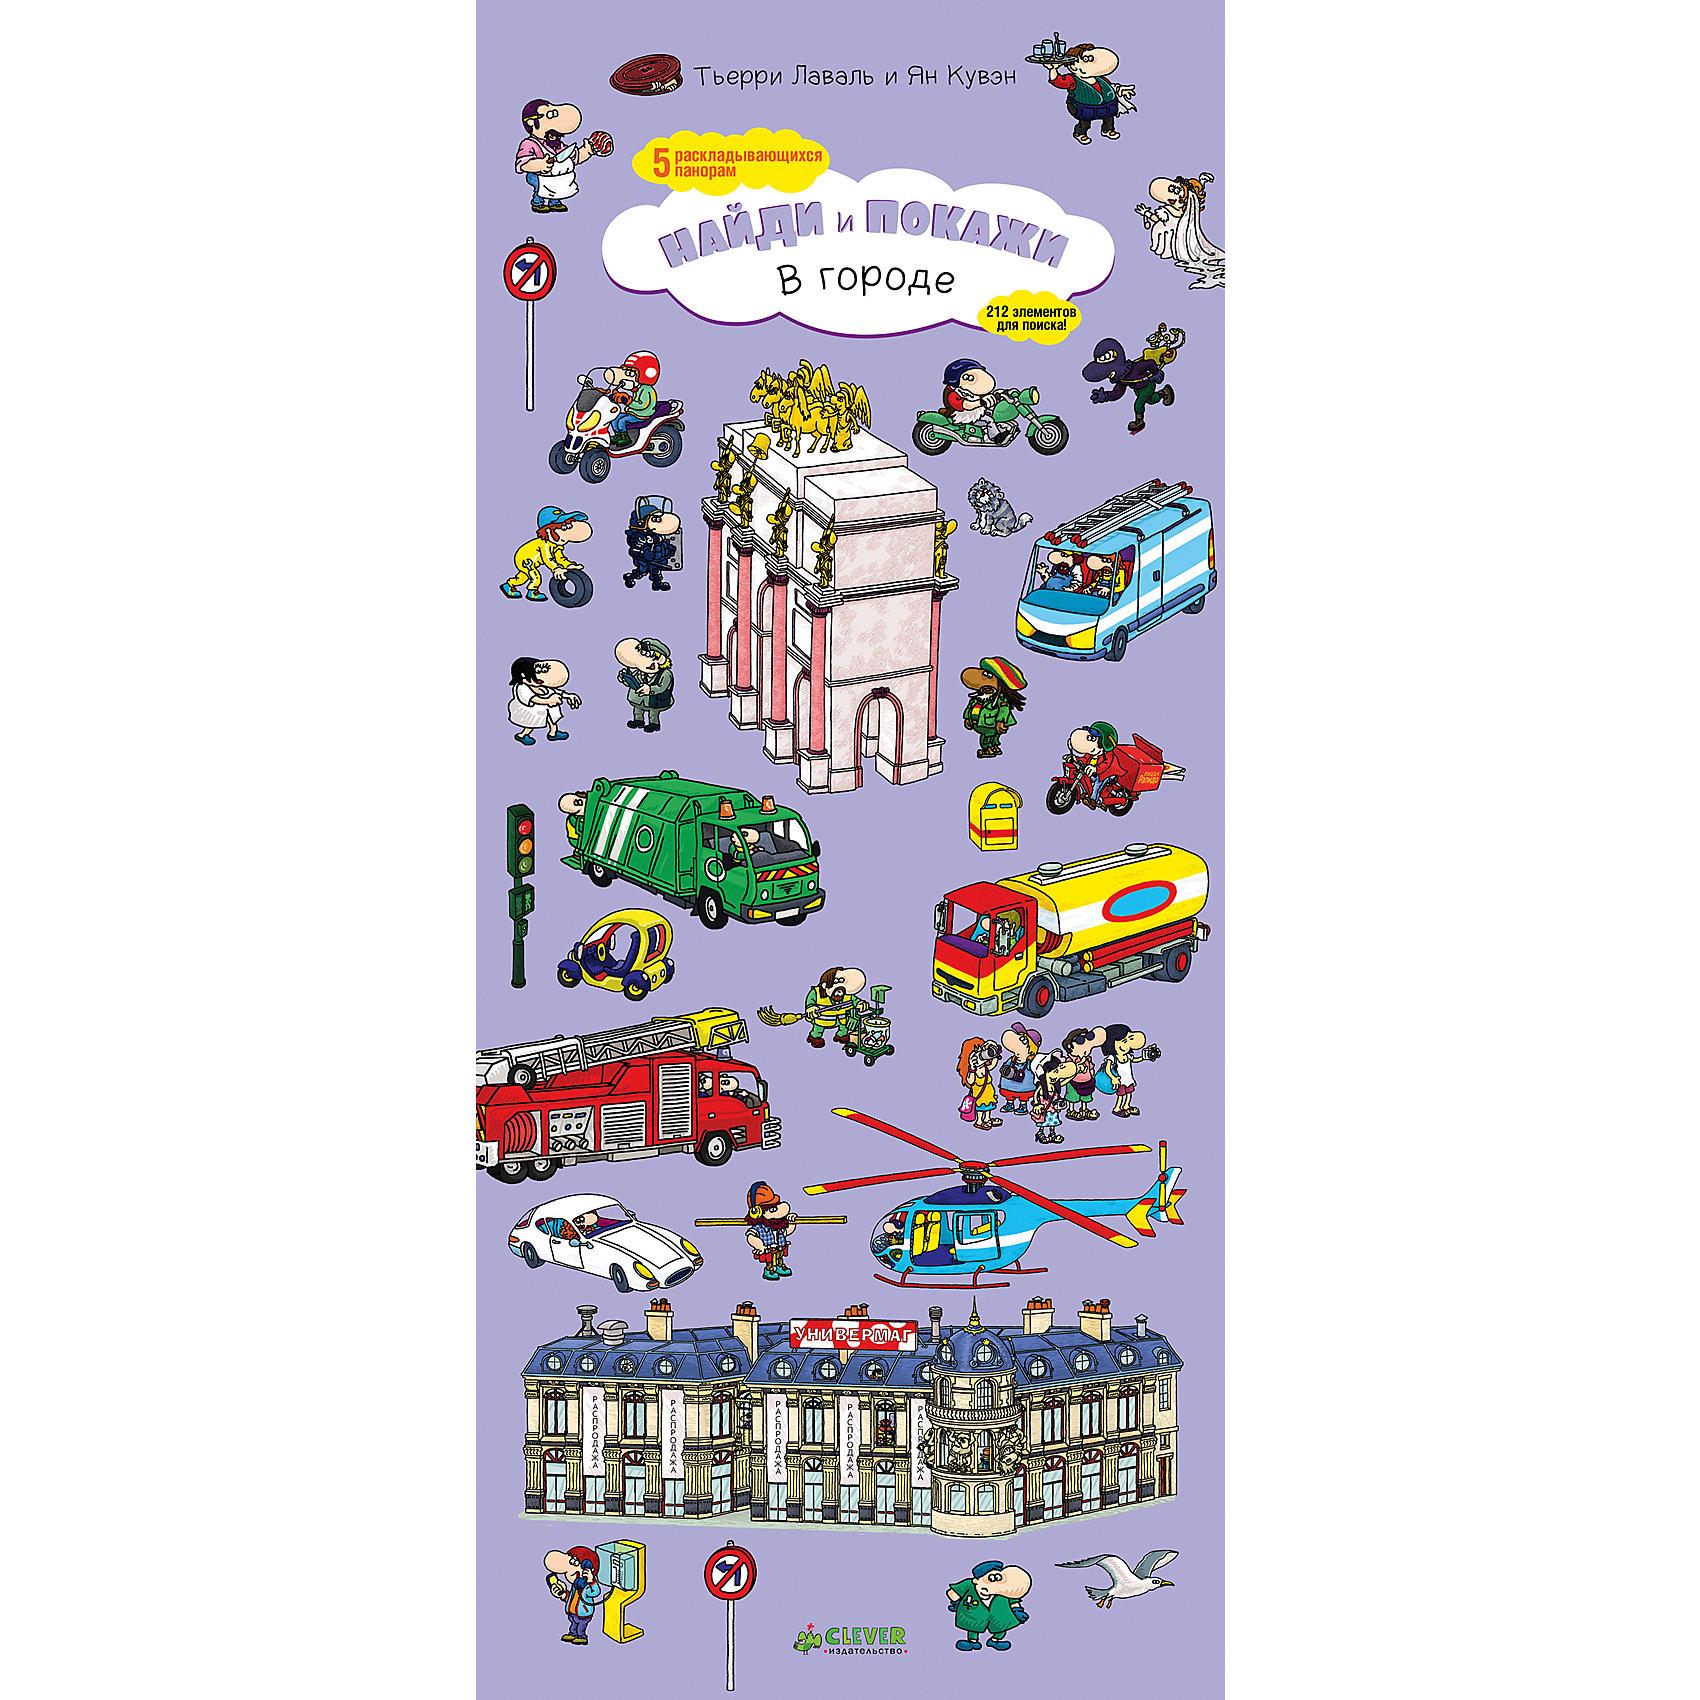 Найди и покажи В городе, Т. ЛавальНайди и покажи В городе, Т. Лаваль<br><br>Характеристики:<br><br>• ISBN: 978-5-906856-95-1<br>• Кол-во страниц:10<br>• Возраст: от 1 до 3 лет <br>• Формат: а5<br>• Размер книги: 377x167x14 мм<br>• Бумага: картон<br>• Вес: 701 г<br>• Обложка: твердая<br><br>С помощью этой книги ваш ребенок сможет перенестись в шумный город, не выходя из дома. На каждой странице можно любоваться красочными картинками, искать предметы и изучать окружающий нас мир. Эта книга прекрасно подходи для детей в возрасте от года и до трех лет. Иллюстрации с крупными элементами, короткие интересные истории и предметы для поиска – это то, что позволяет не только развить речь, но и усидчивость и внимательность вашего ребенка.<br><br>Найди и покажи В городе, Т. Лаваль можно купить в нашем интернет-магазине.<br><br>Ширина мм: 376<br>Глубина мм: 165<br>Высота мм: 30<br>Вес г: 701<br>Возраст от месяцев: 48<br>Возраст до месяцев: 72<br>Пол: Унисекс<br>Возраст: Детский<br>SKU: 5377805